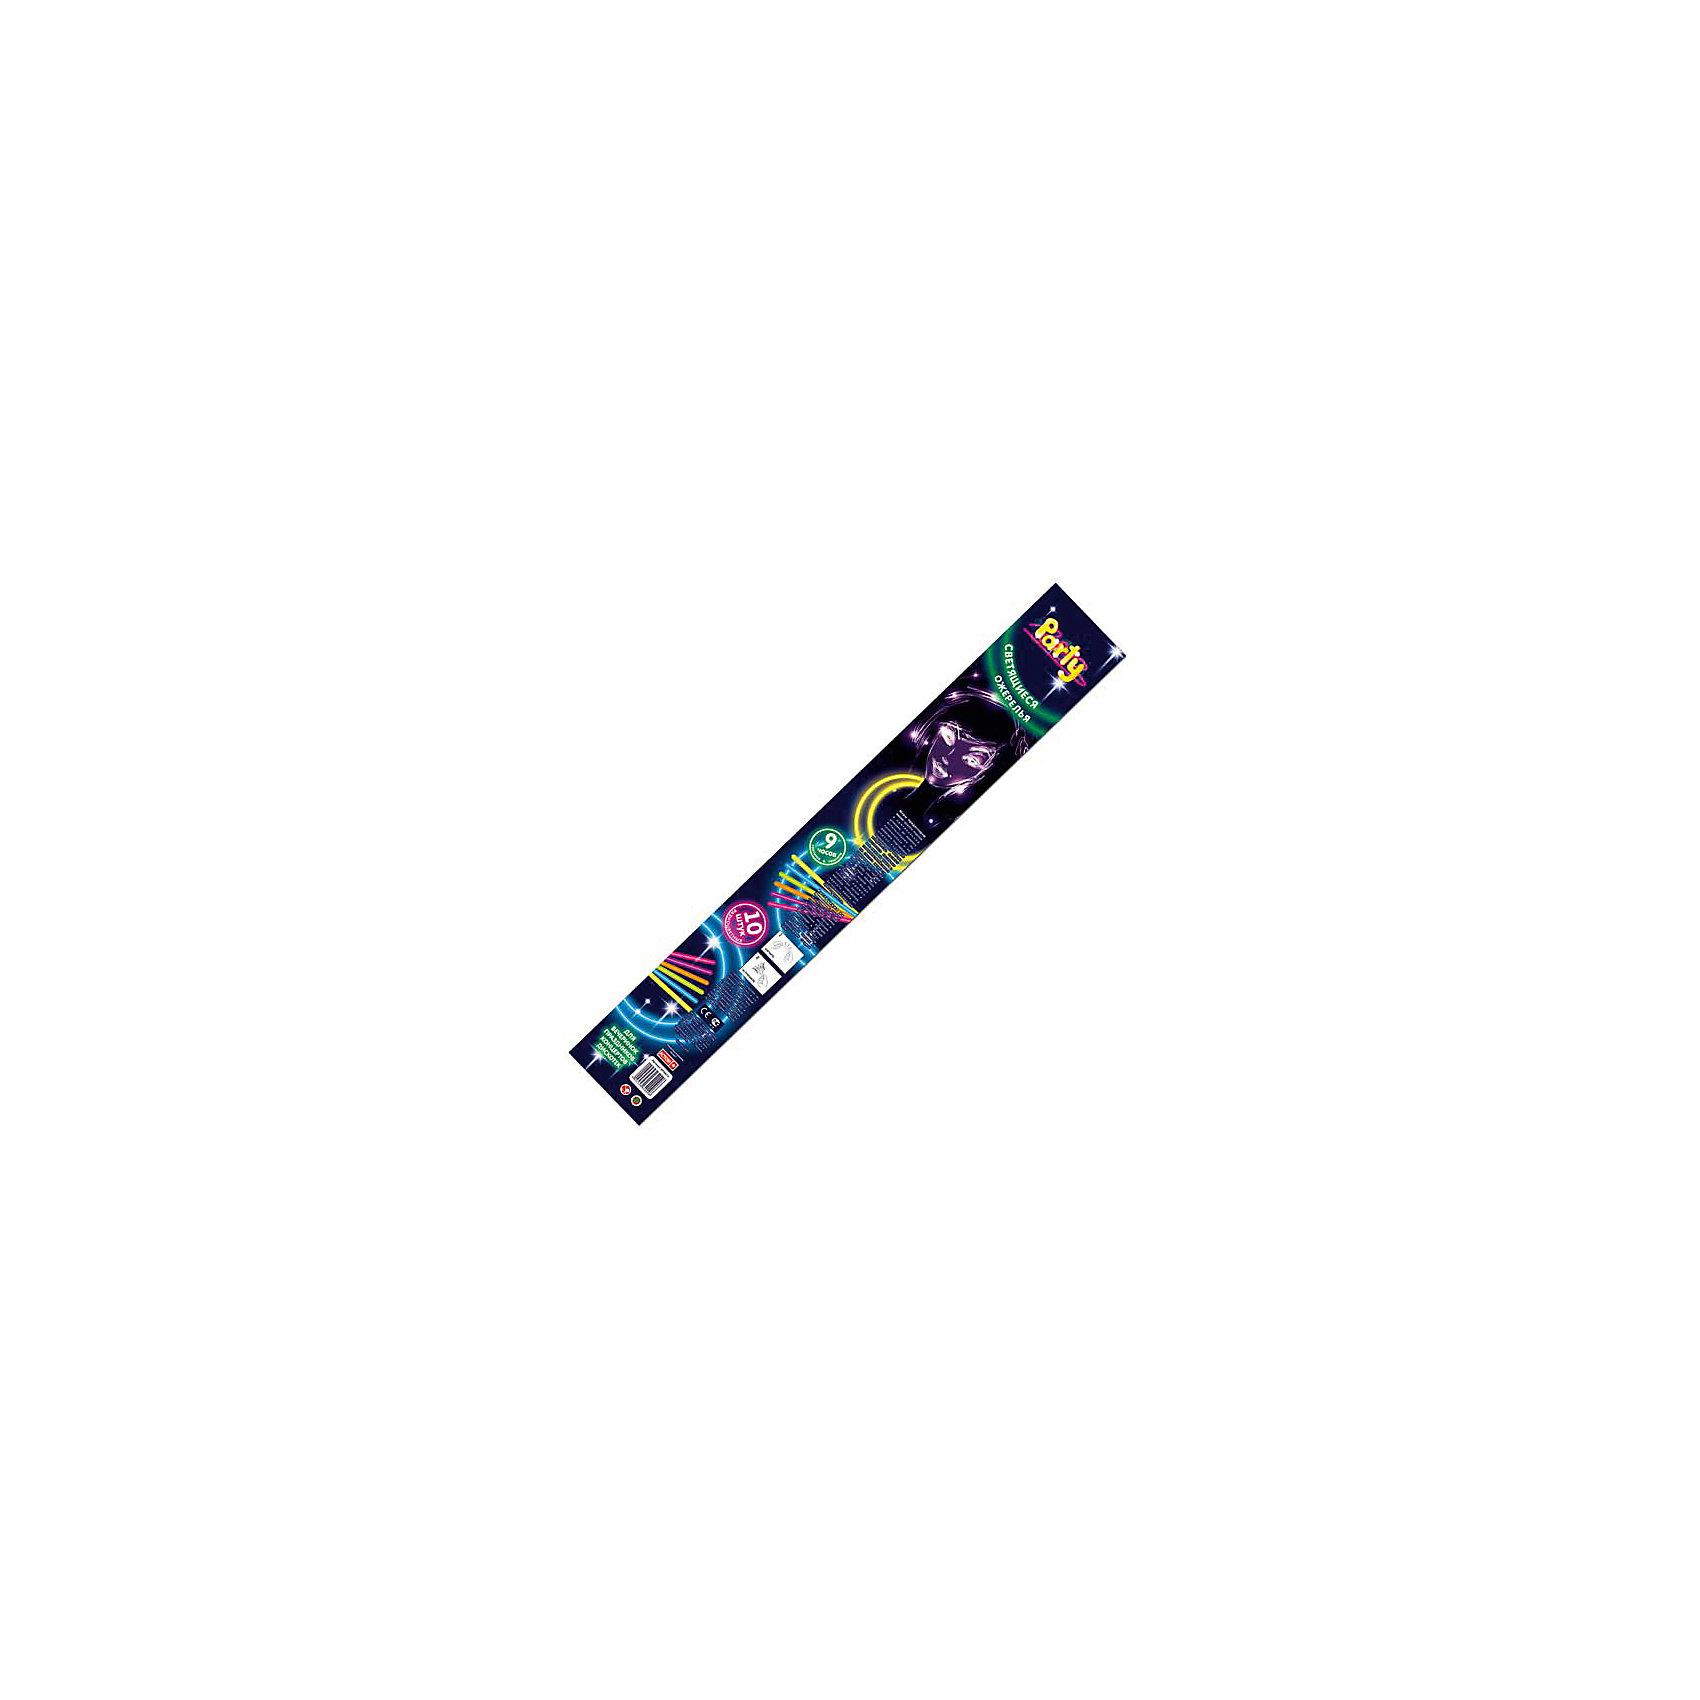 Набор разноцветных светящихся ожерелий, 5шт, 56 смКарнавальные аксессуары для детей<br>Характеристики:<br><br>• возраст: от 3 лет<br>• количество: 5 шт.<br>• длина: 56 см.<br>• время свечения: 9 часов<br>• упаковка: картонная туба<br><br>Набор разноцветных светящихся ожерелий создан специально для вечеринок, праздников, концертов, дискотек.<br><br>Ожерелья светят ярким неоновым светом. Для активации изделия необходимо несколько раз его согнуть и встряхнуть. Через пару минут произойдет полная реакция, и аксессуар начнет ярко светиться. Изделие нетоксично.<br><br>Набор разноцветных светящихся ожерелий, 5шт, 56 см можно купить в нашем интернет-магазине.<br><br>Ширина мм: 300<br>Глубина мм: 120<br>Высота мм: 20<br>Вес г: 100<br>Возраст от месяцев: 36<br>Возраст до месяцев: 2147483647<br>Пол: Унисекс<br>Возраст: Детский<br>SKU: 6860589